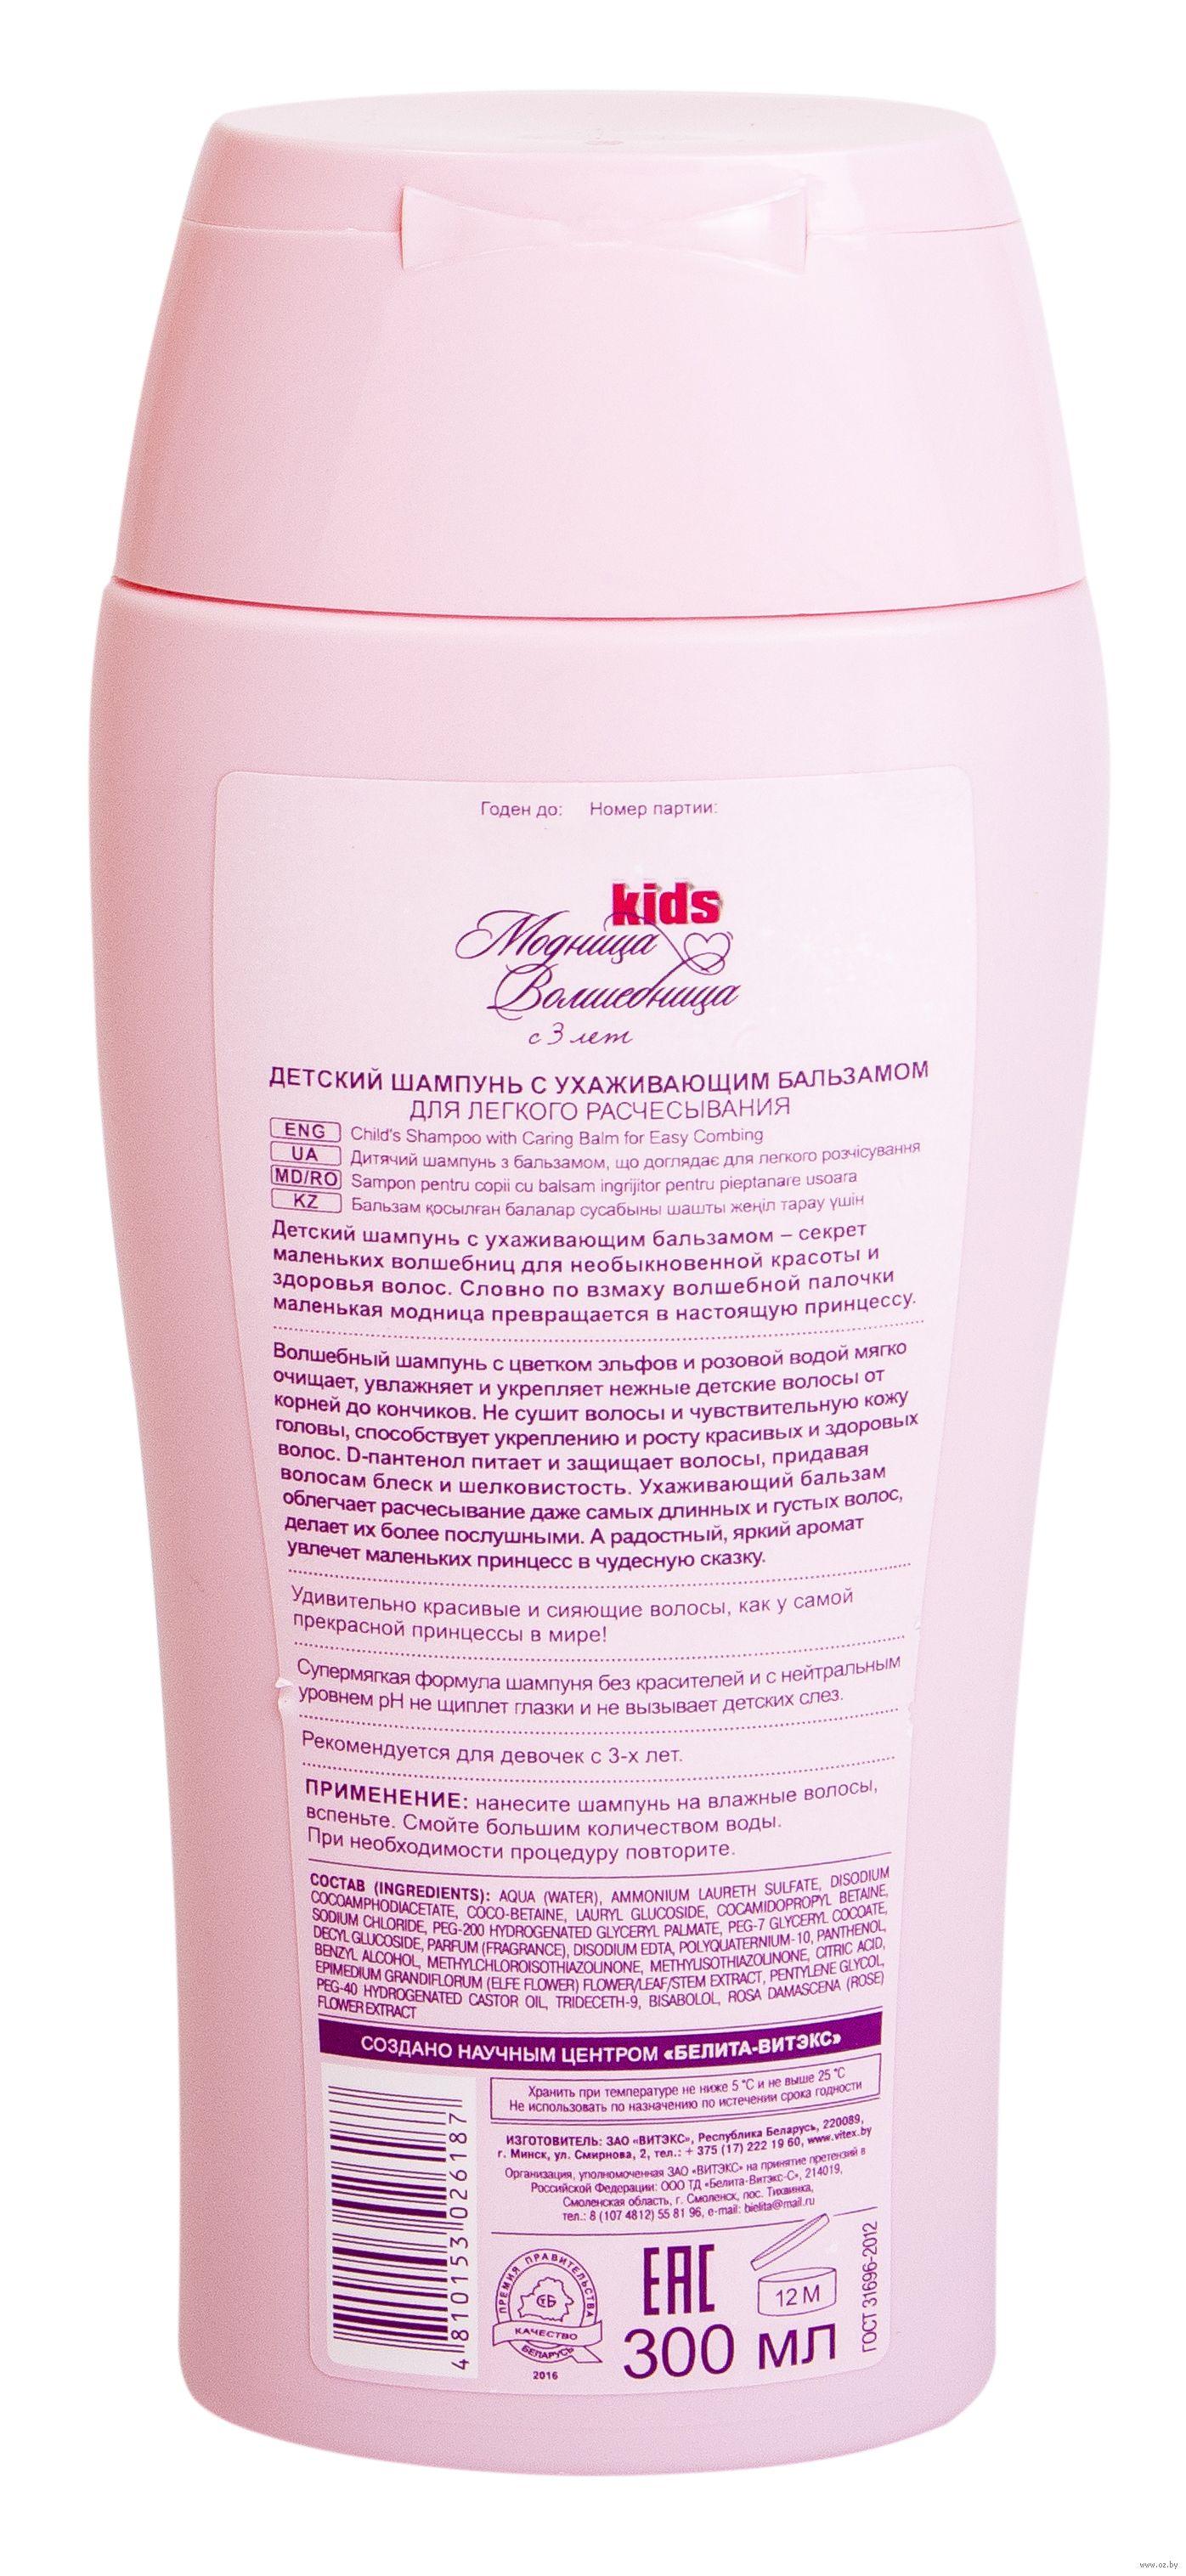 шампунь для волос детский для легкого расчесывания 300 мл витэкс